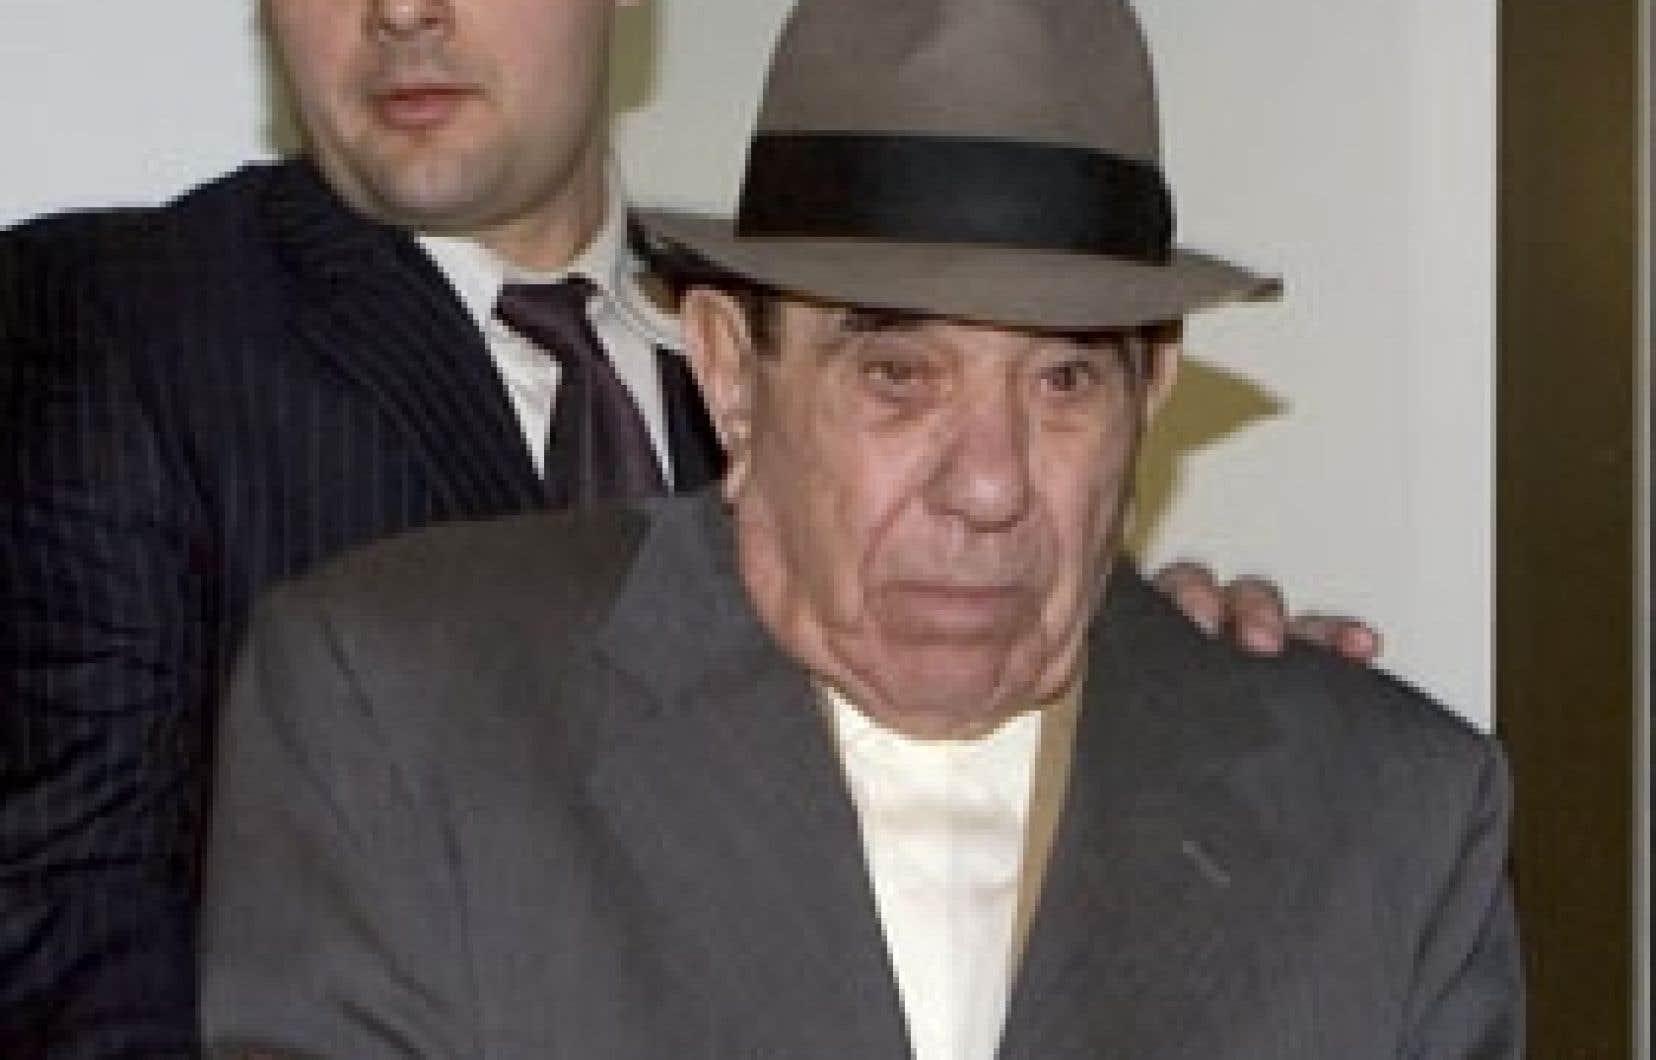 Nicolo Rizzuto a été transféré hier soir du quartier général de la GRC à la prison de Bordeaux.